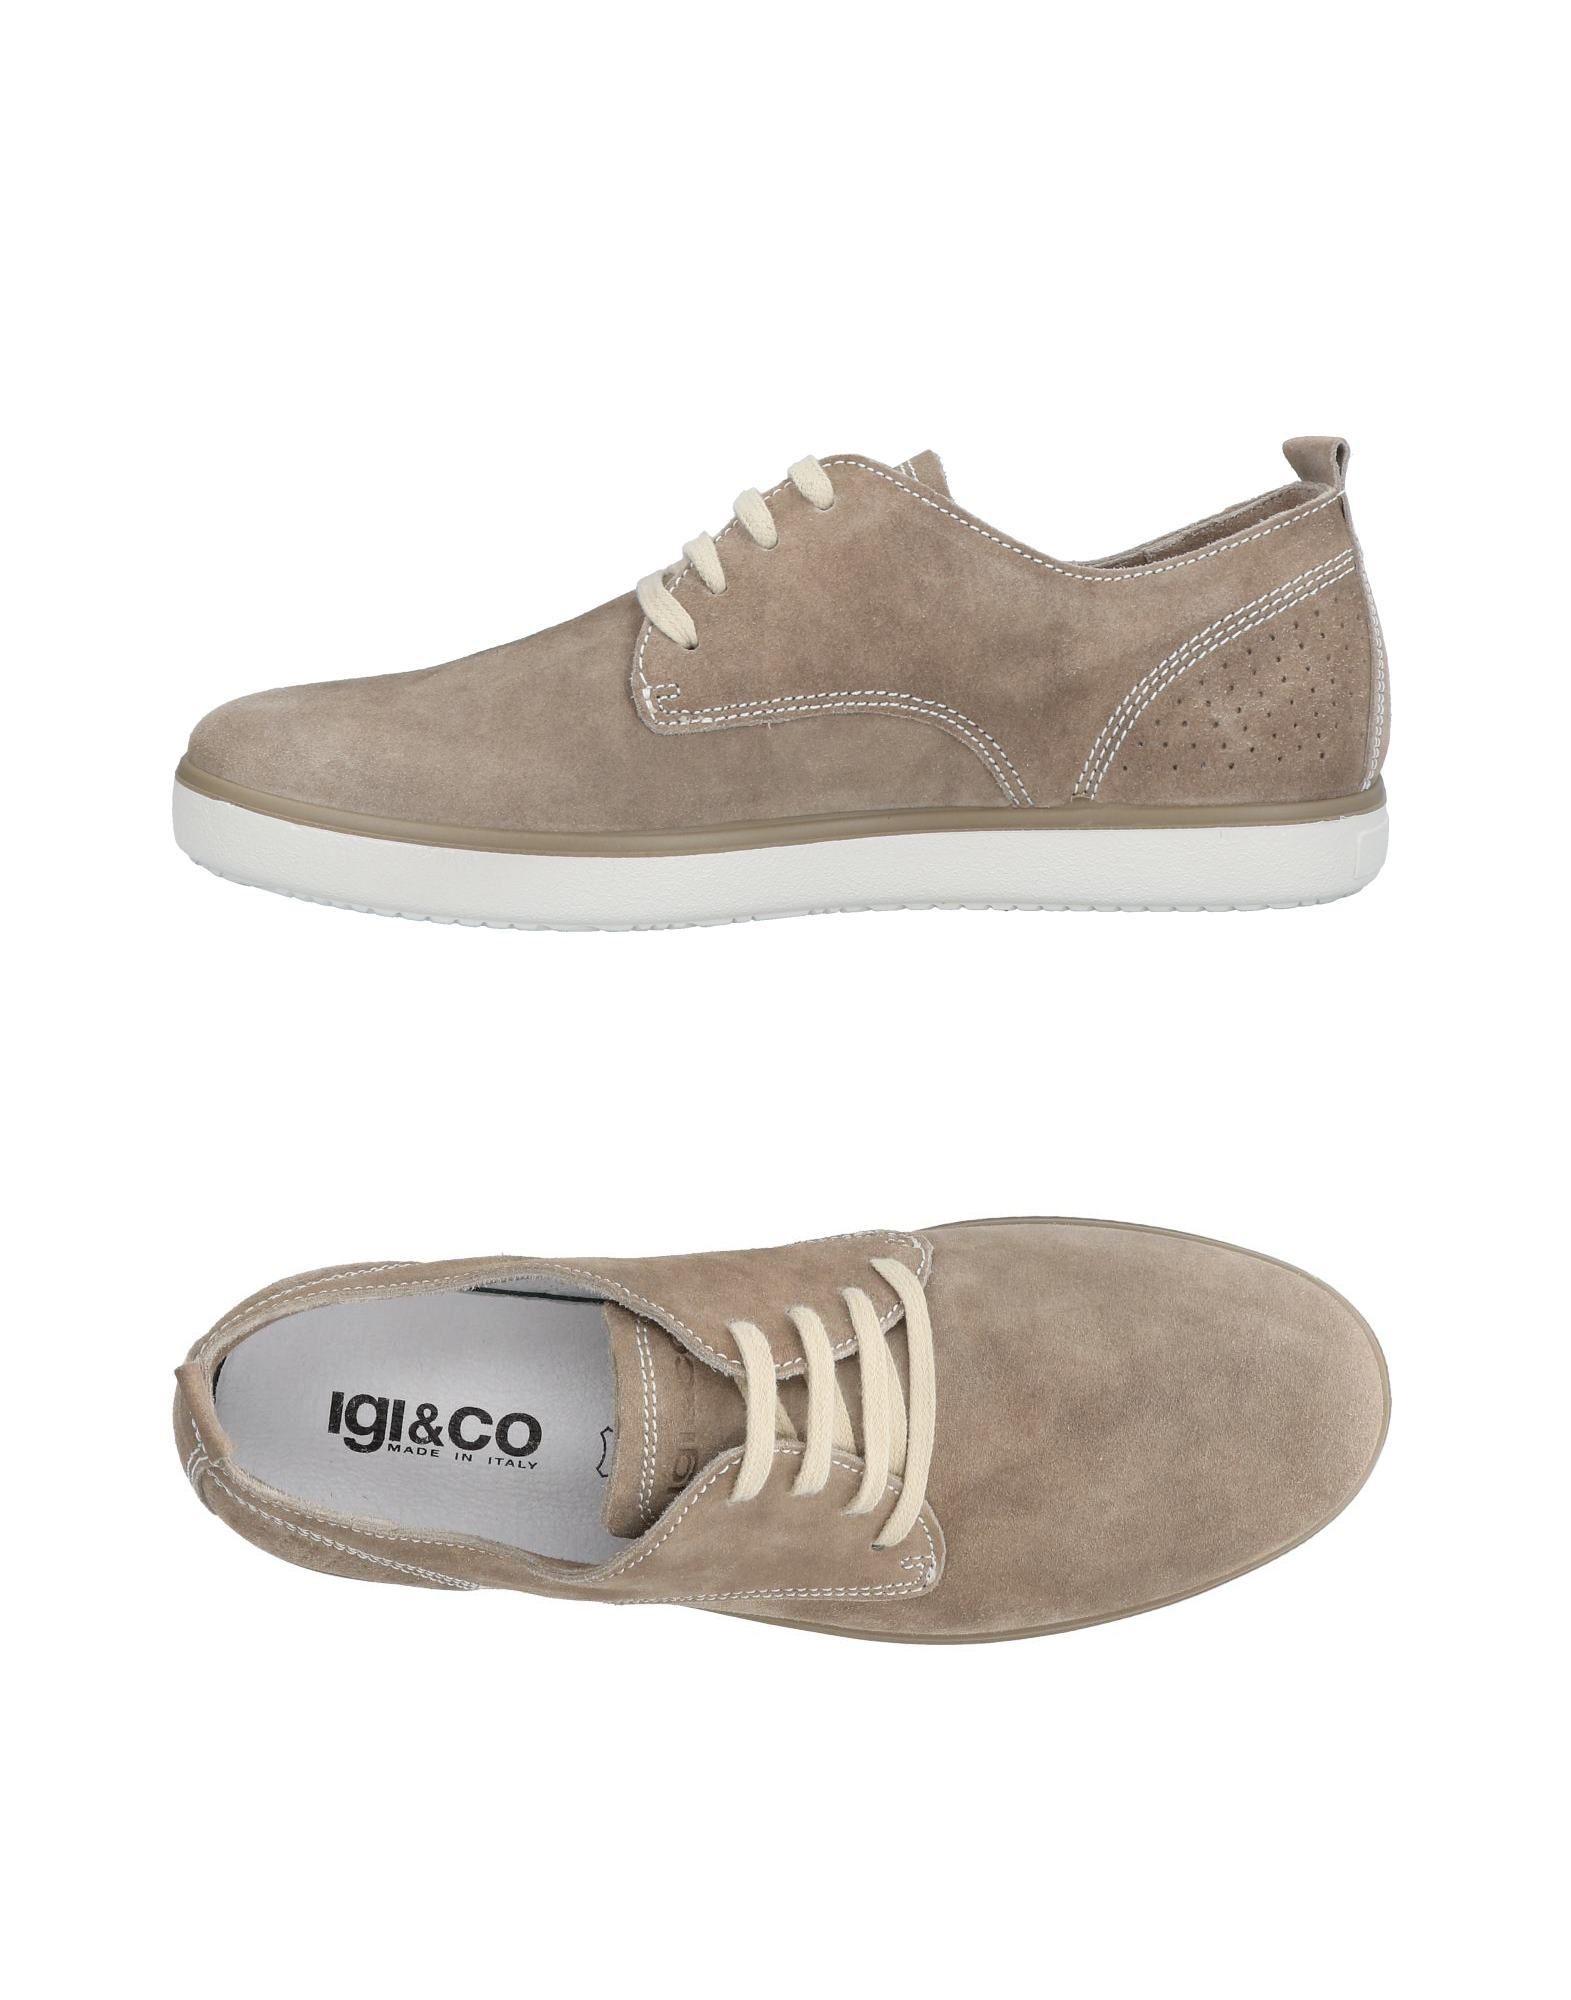 Sneakers Igi&Co Homme - Sneakers Igi&Co  Gris tourterelle Remise de marque